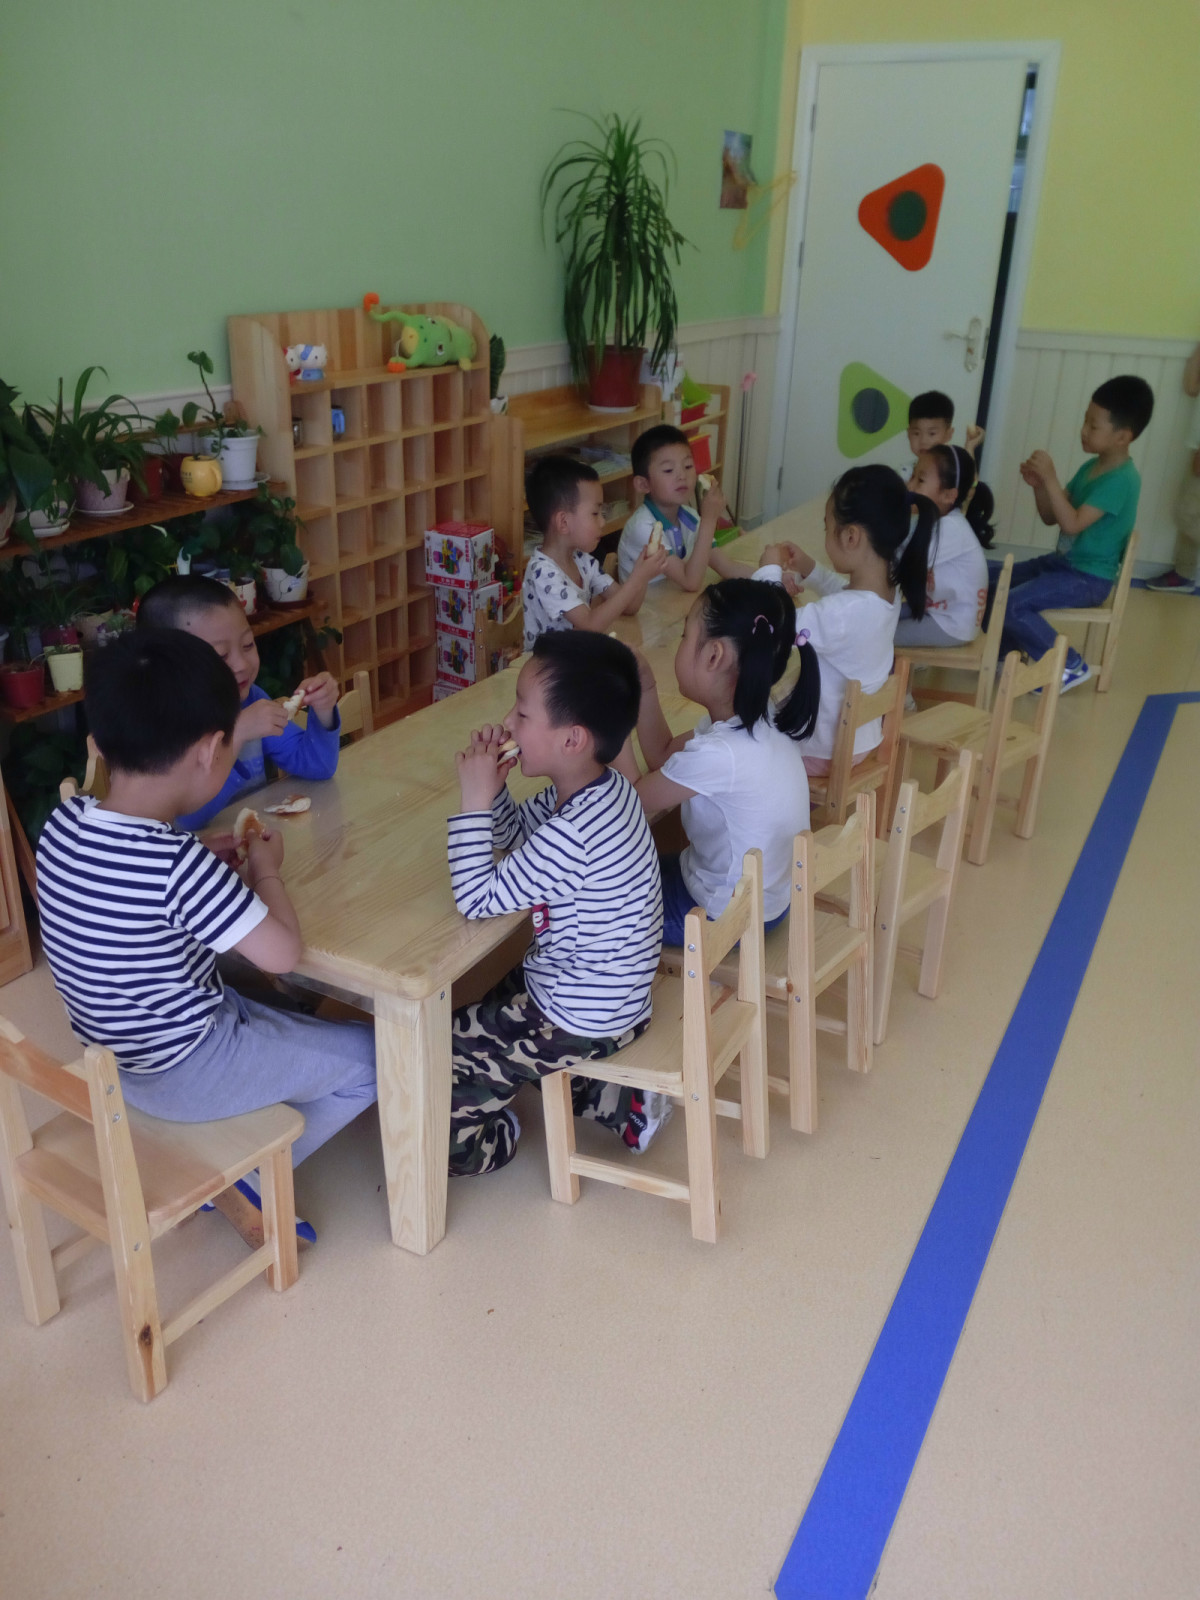 环境的创设在阅读过程中起着不可忽视的作用。一个良好的阅读氛围会给幼儿带来激情,激发幼儿阅读兴趣,养成良好的阅读习惯。要为幼儿提供一个自在、有趣、丰富的阅读环境,让孩子感受到阅读的乐趣。教师可以在班里开辟图书馆,提供绘画精美的书籍,每周五为借阅日,让孩子们选择自己喜欢的图书签字借阅,并在第二周提供机会请幼儿讲述自己书籍内容;在每月替换新书的时候给幼儿讲解新书的封面和基本内容。另外,采用看图编故事等形式激发幼儿的言语表达,教师和幼儿共同协商制作表演道具,幼儿将阅读内容通过情景表演、续编、创编故事、讲故事